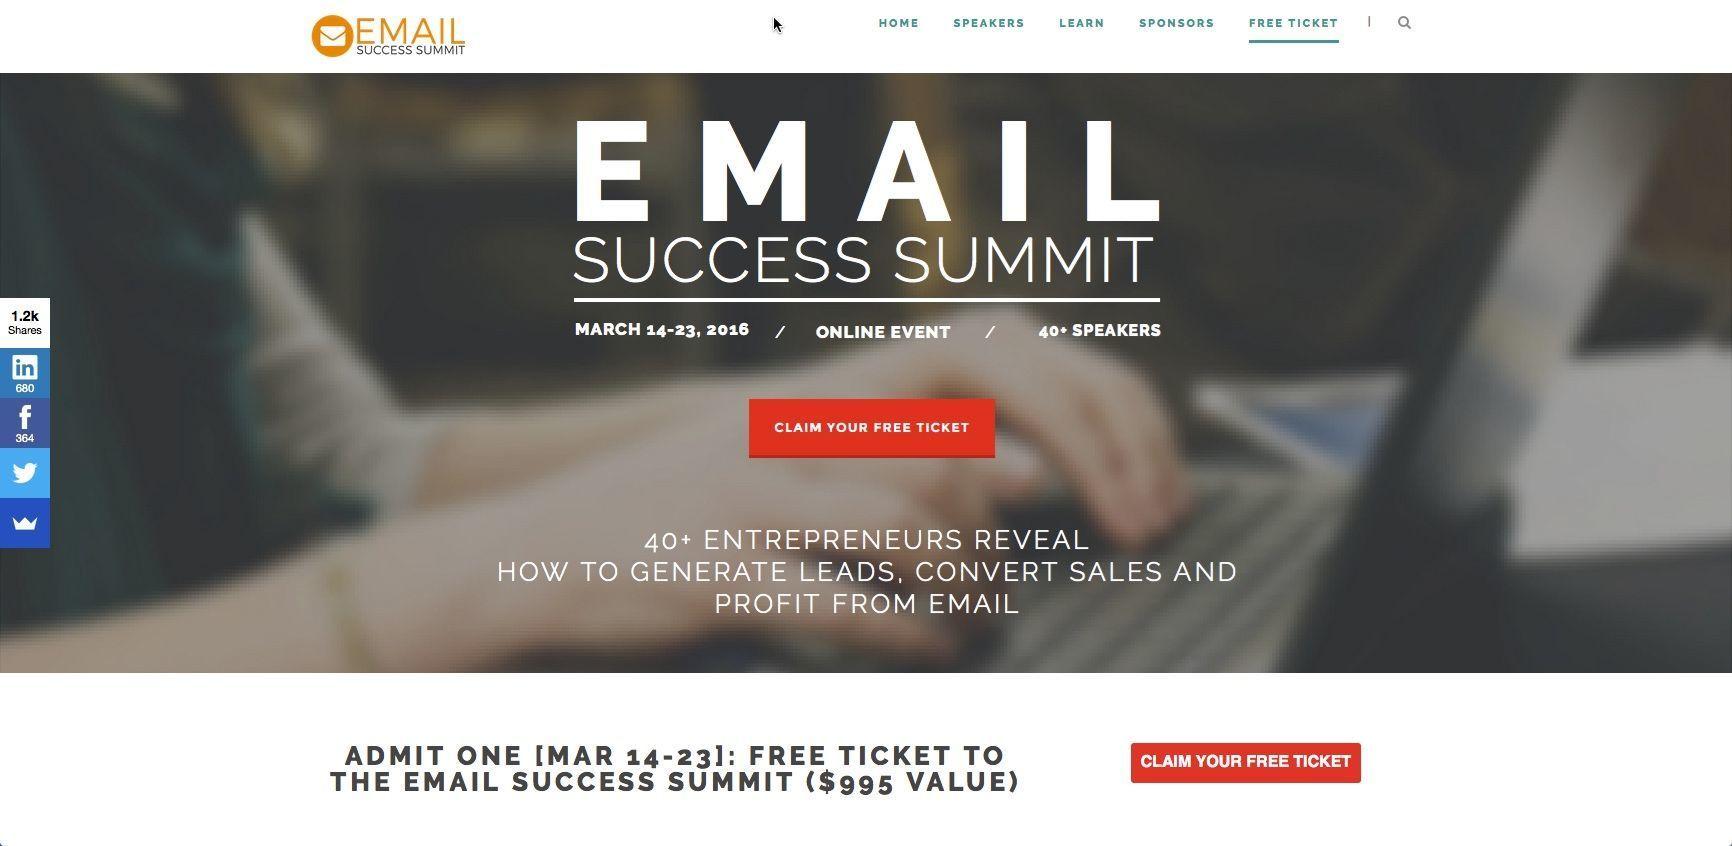 emailsuccesssummitbanner